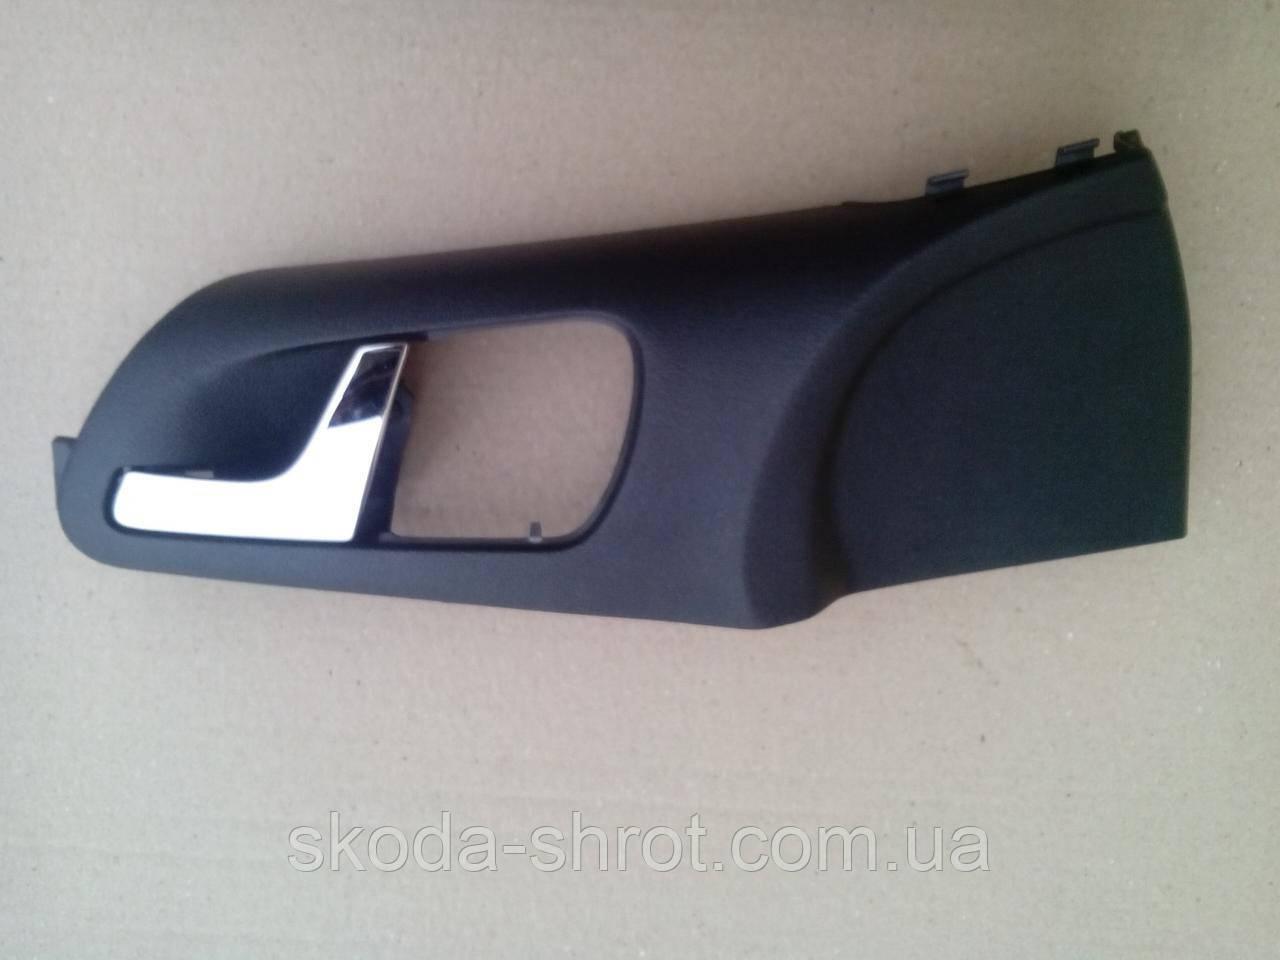 Ручка дверная внутренняя 1 U0 837 247 B левой передней двери Шкода Октавия Тур хром 1 U0837247B